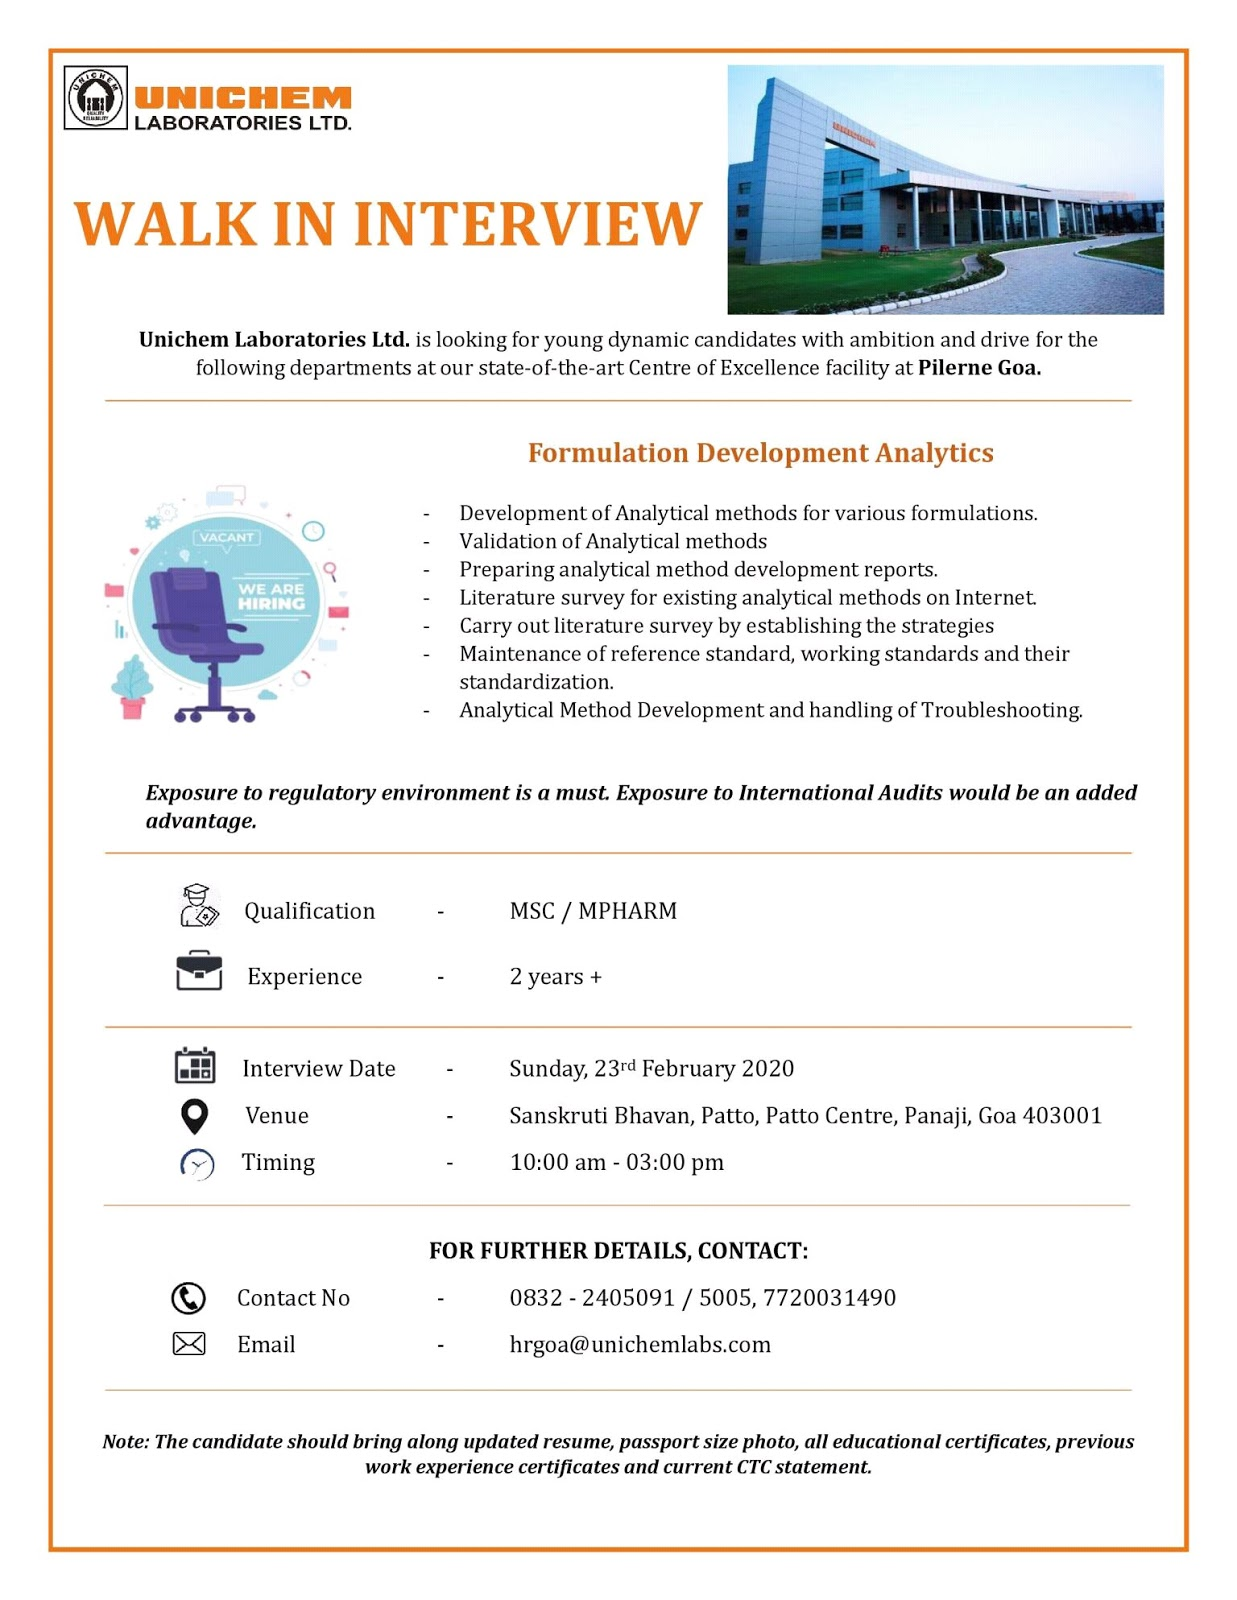 Unichem Laboratories Ltd - Walk in interview for Formulation Development Analytics on 23rd Feb 2020